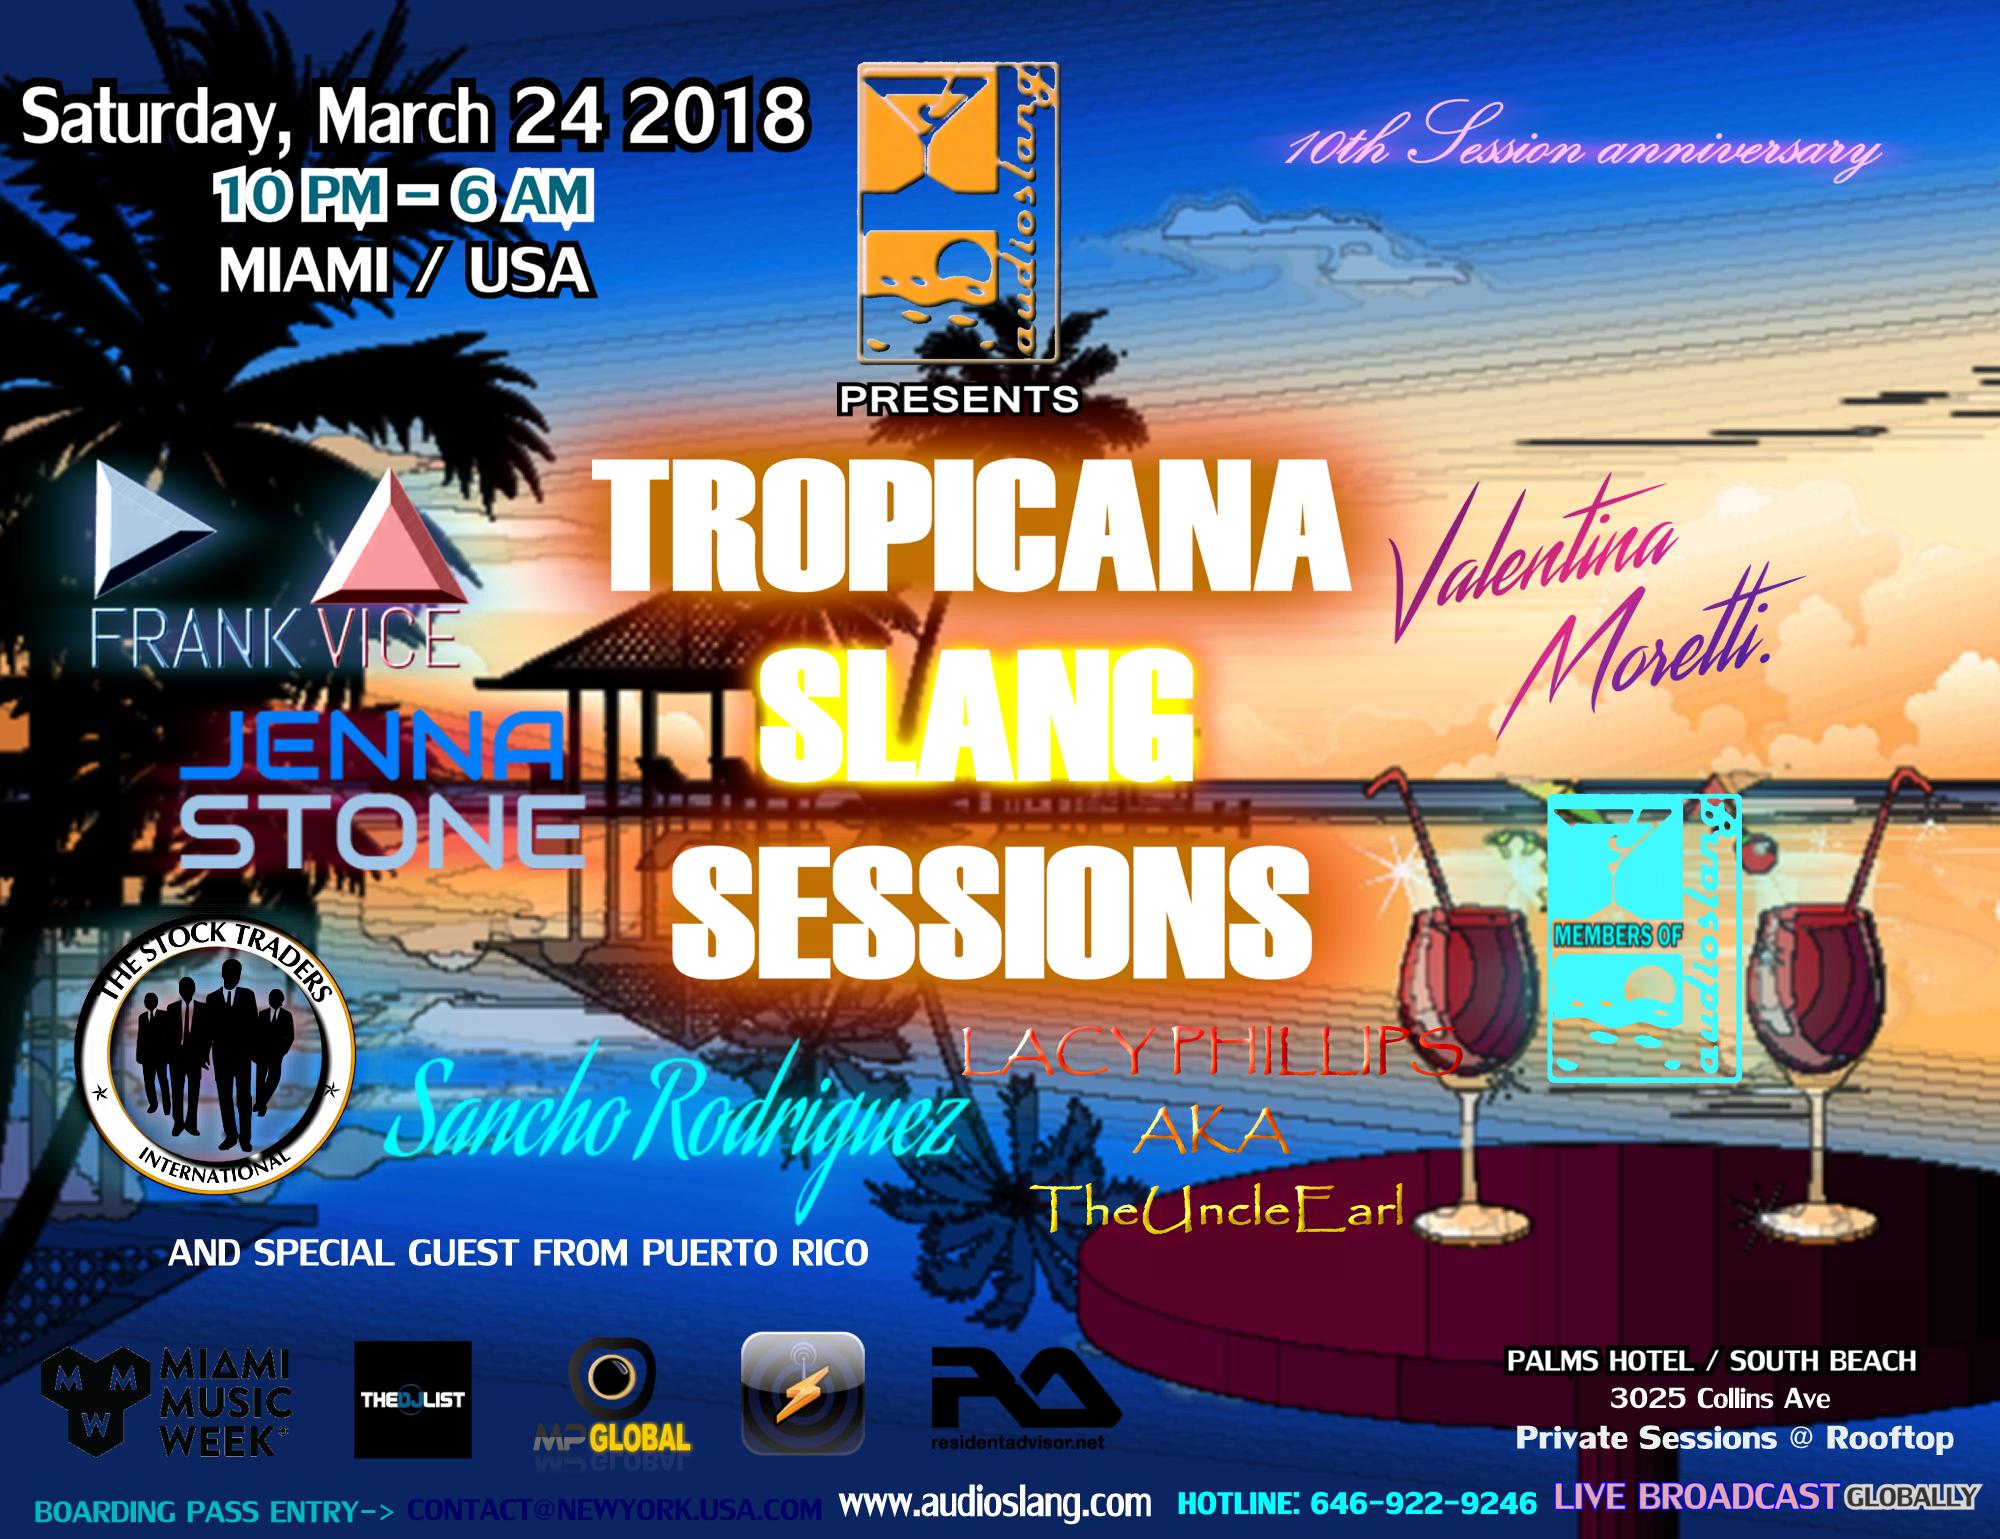 AudioSlang presents The Tropicana Slang Sessions Image